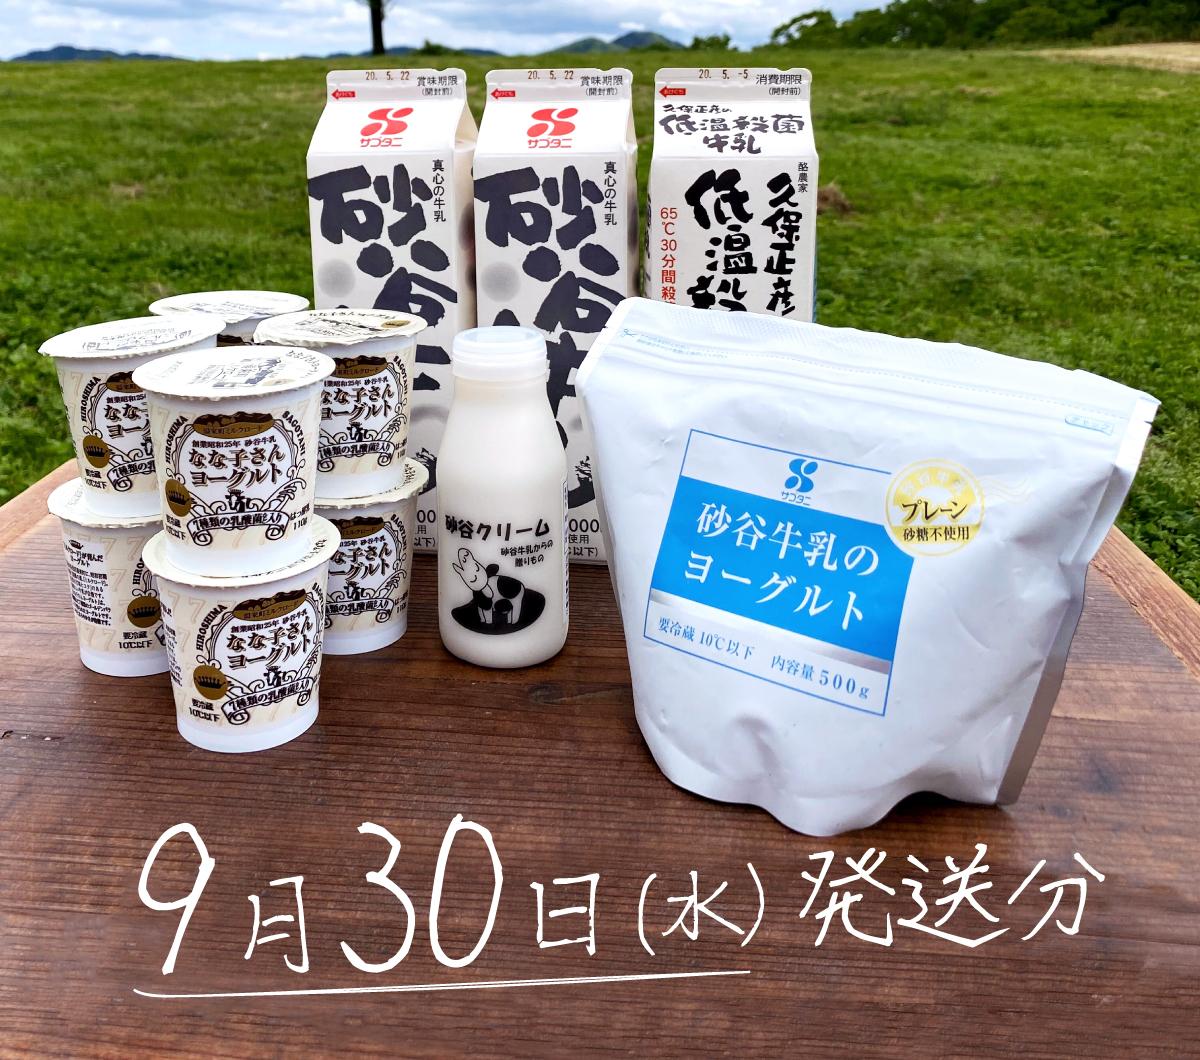 牛乳&ヨーグルトセット 9月30日(水)発送分